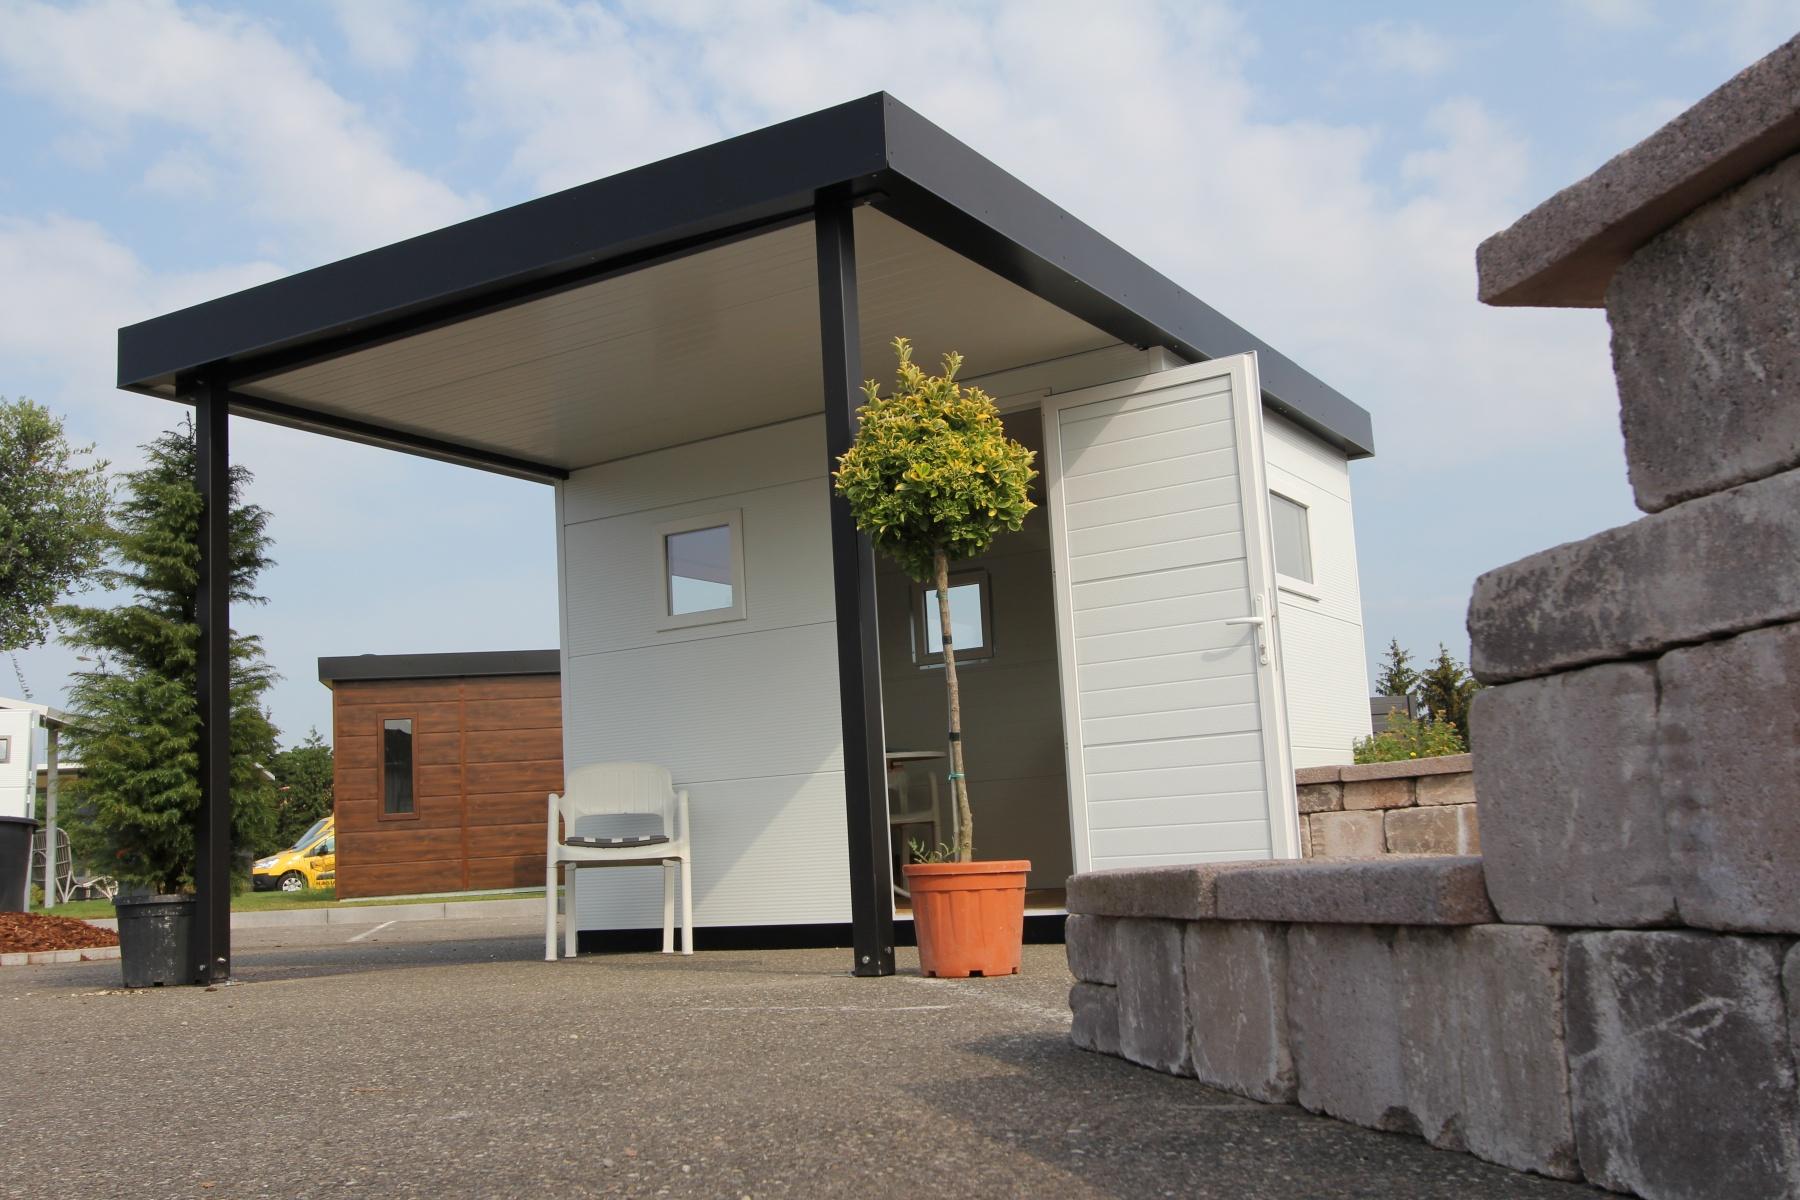 Nouvelle nouveau pavillon xl trendel fabriquants de for Trendel haguenau portes de garage